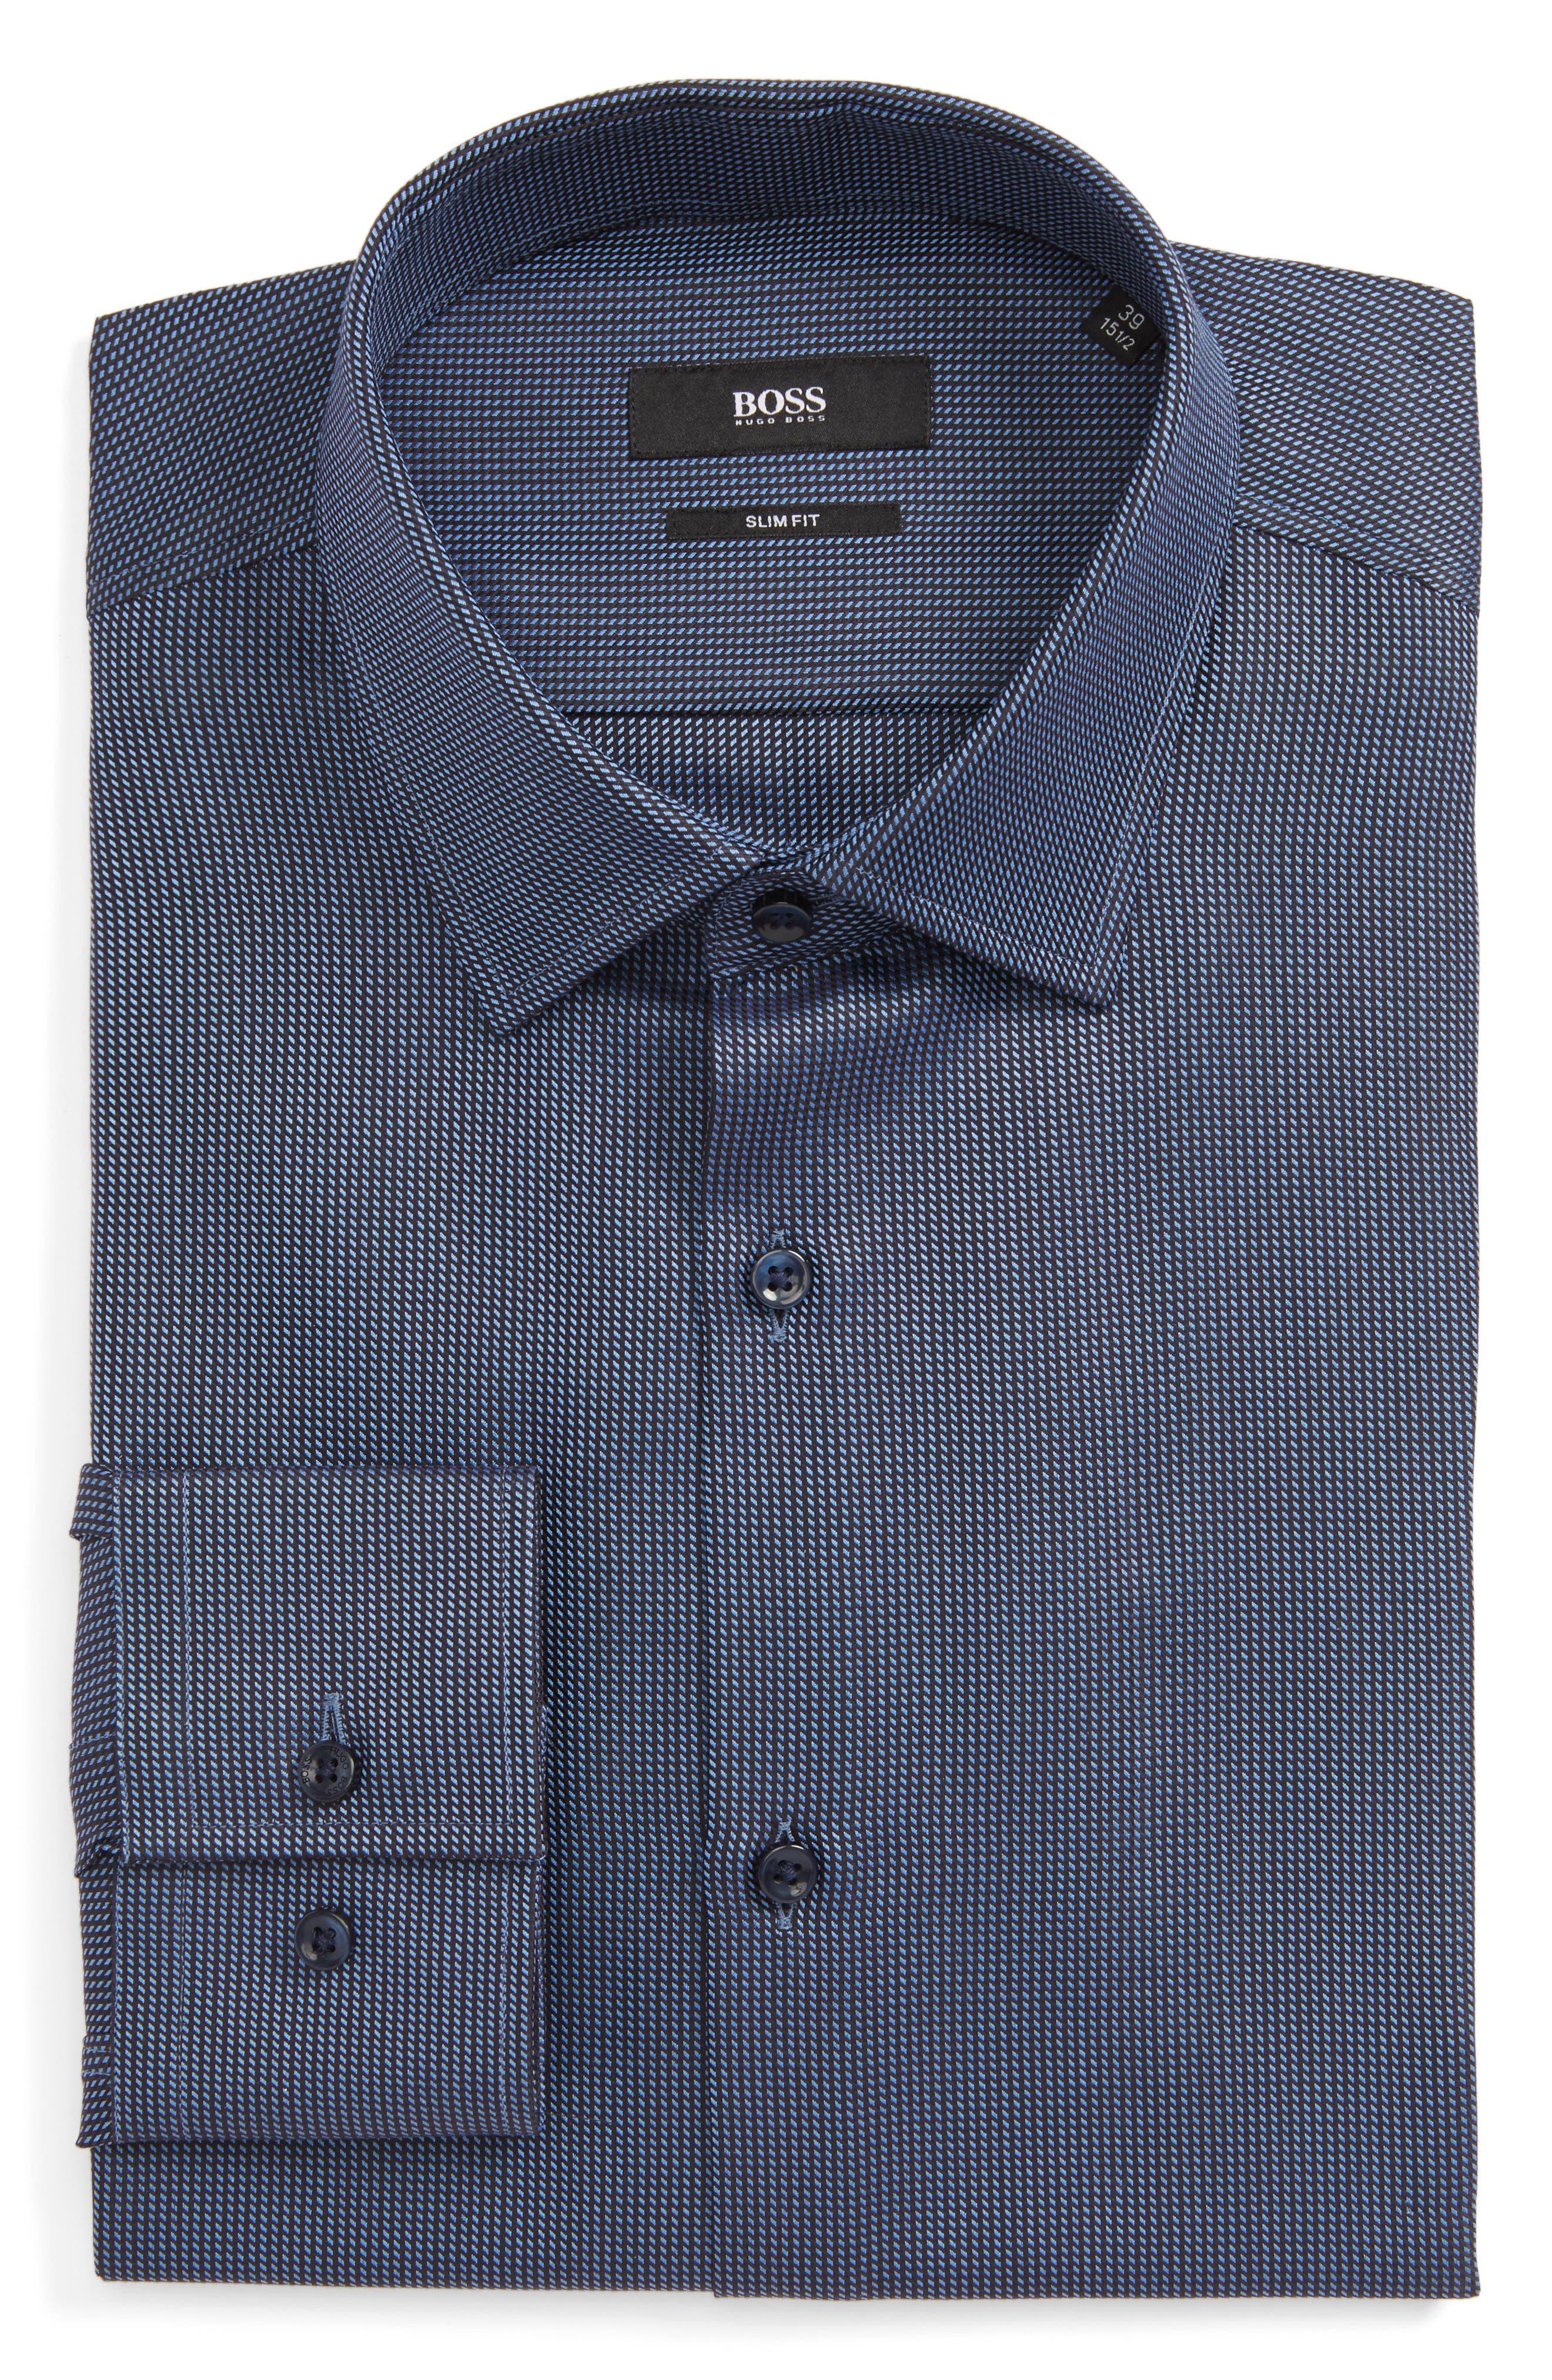 Jenno Slim Fit Dress Shirt,                             Main thumbnail 1, color,                             Navy